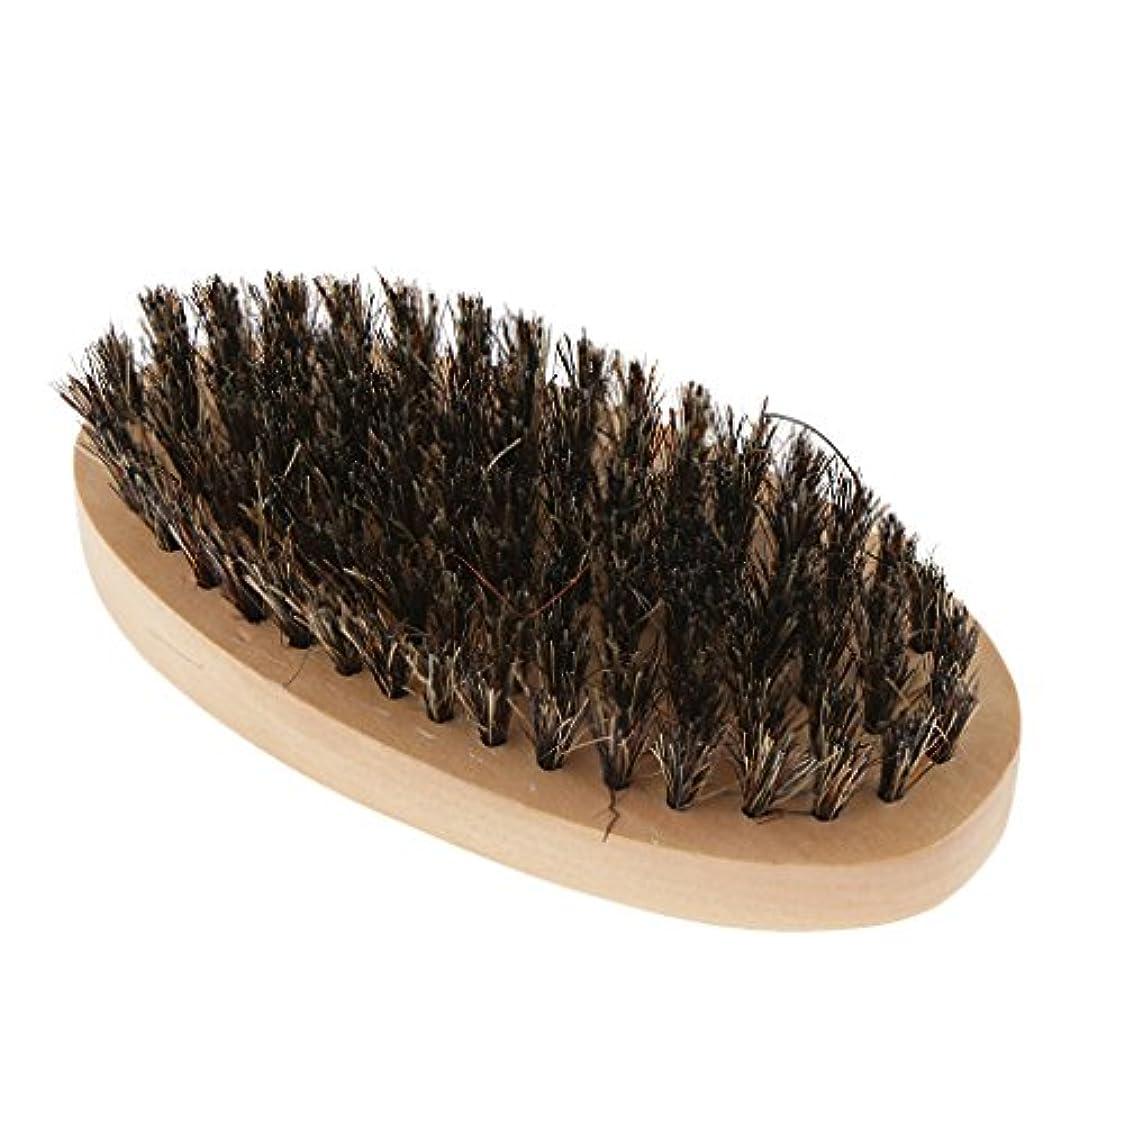 ラケット魔女保守的ビアードブラシ 男性 ひげブラシ 口ひげ 整髪スタイリング 木製のハンドル